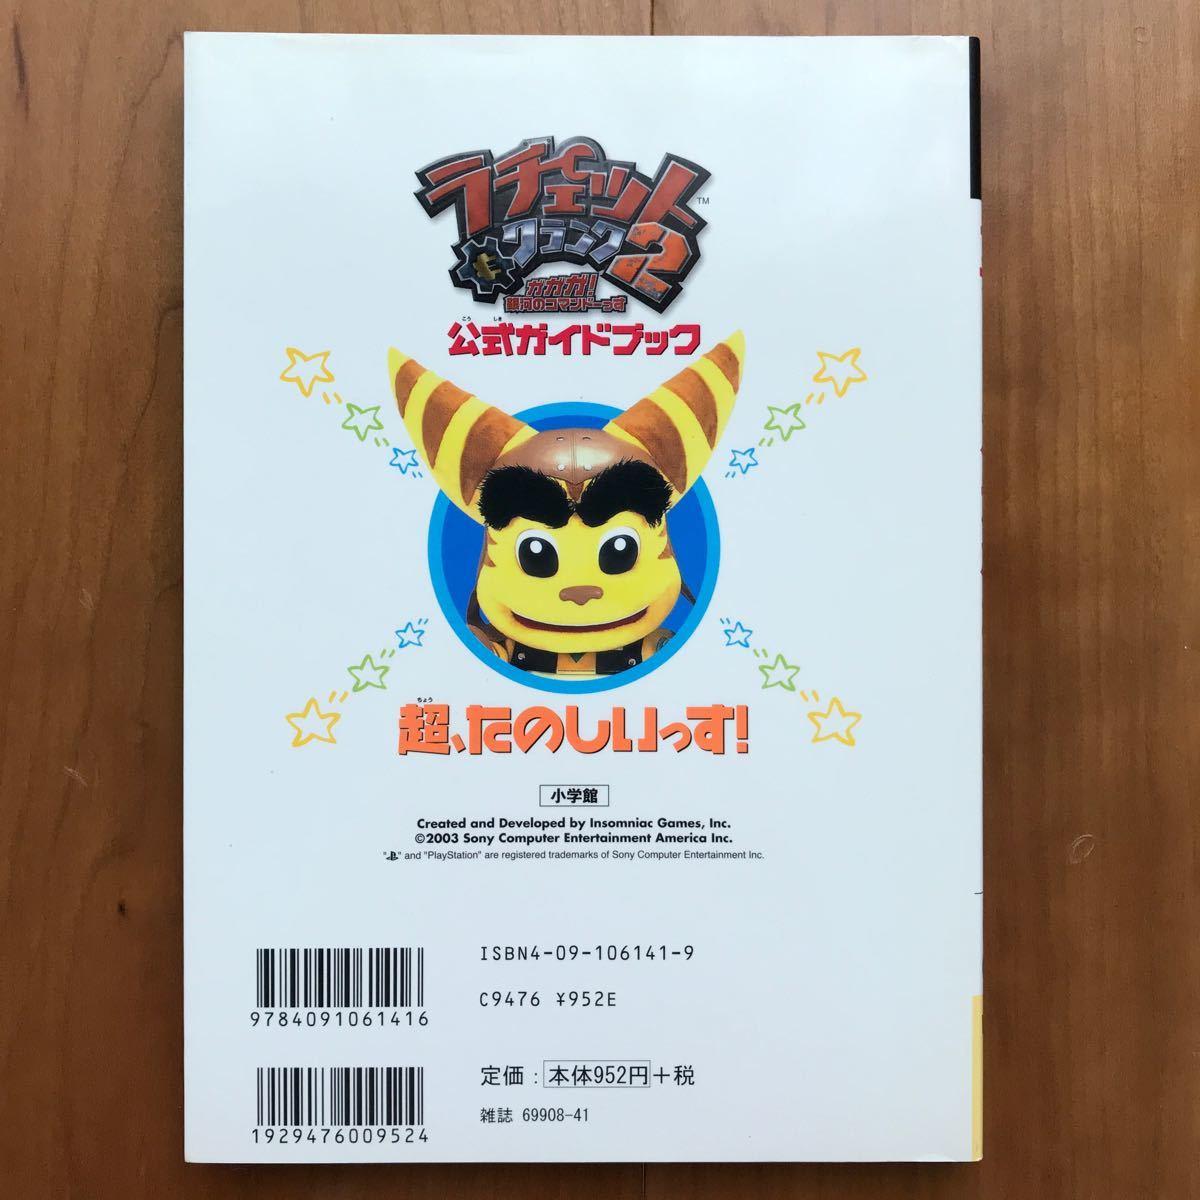 【PS2】公式ガイドブック〈ラチェット&クランク2〉ガガガ!銀河のコマンドーっす